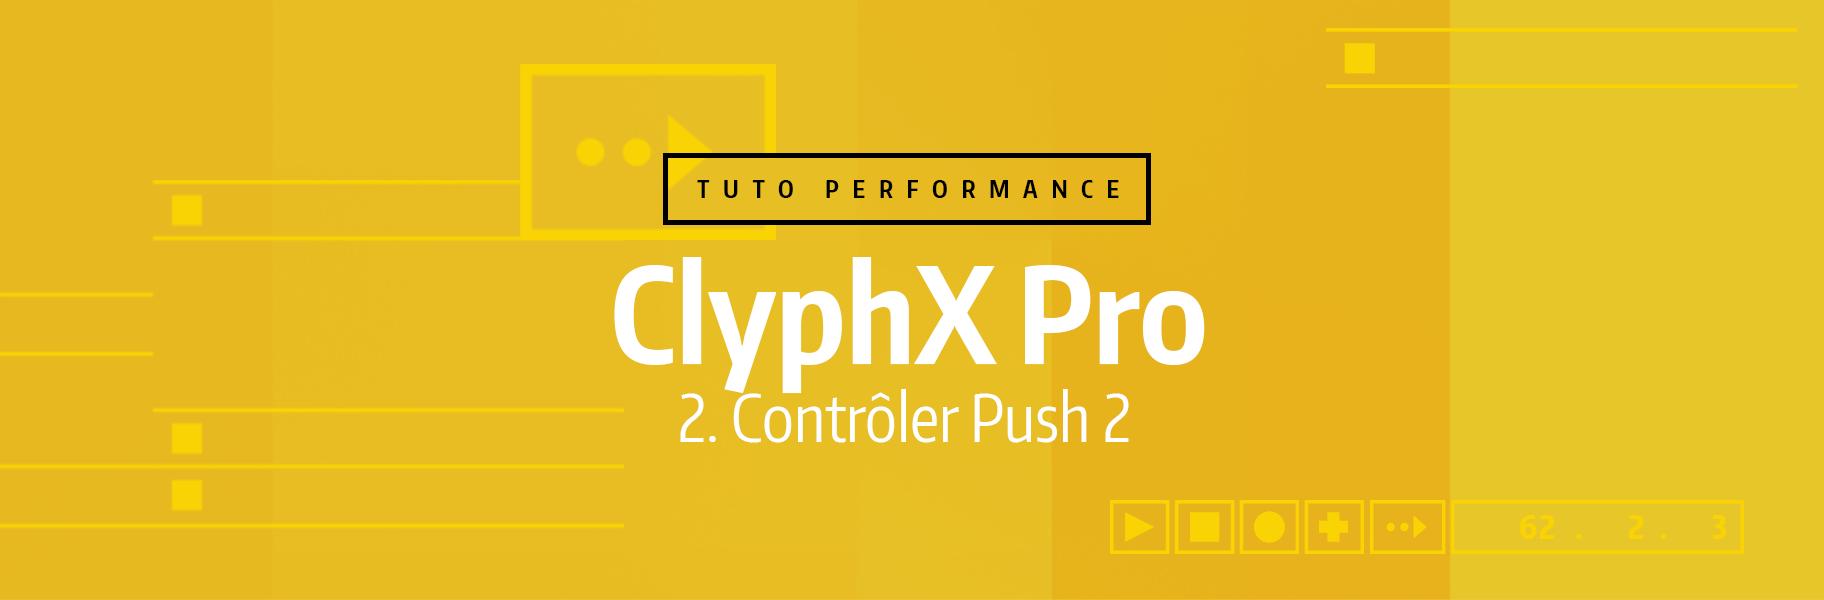 Tutoriel Ableton Live #55 - ClyphX Pro - Contrôler Push 2